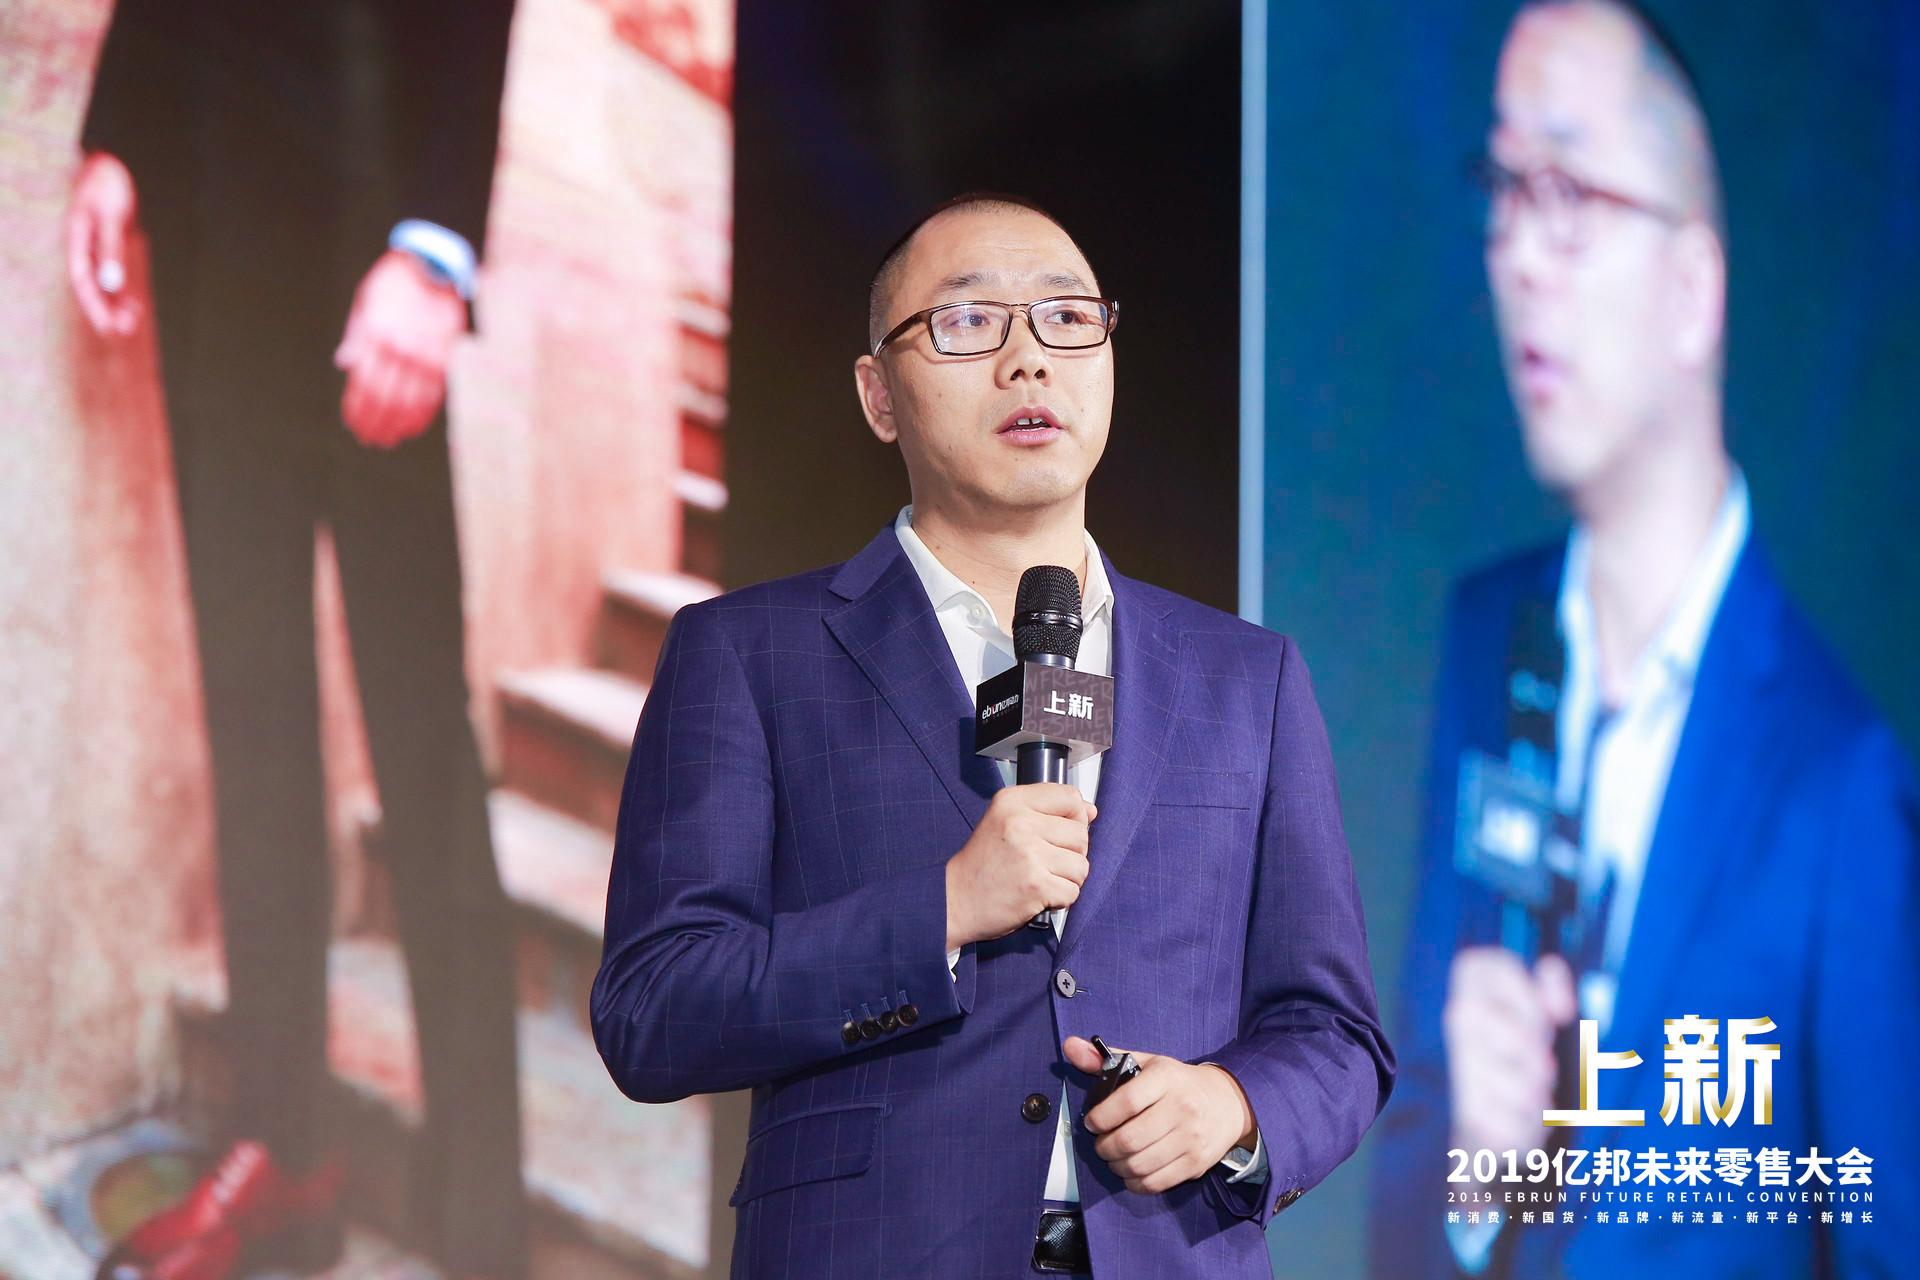 量品联合创始人朱家勇:全产业链解决方案是行业的关键